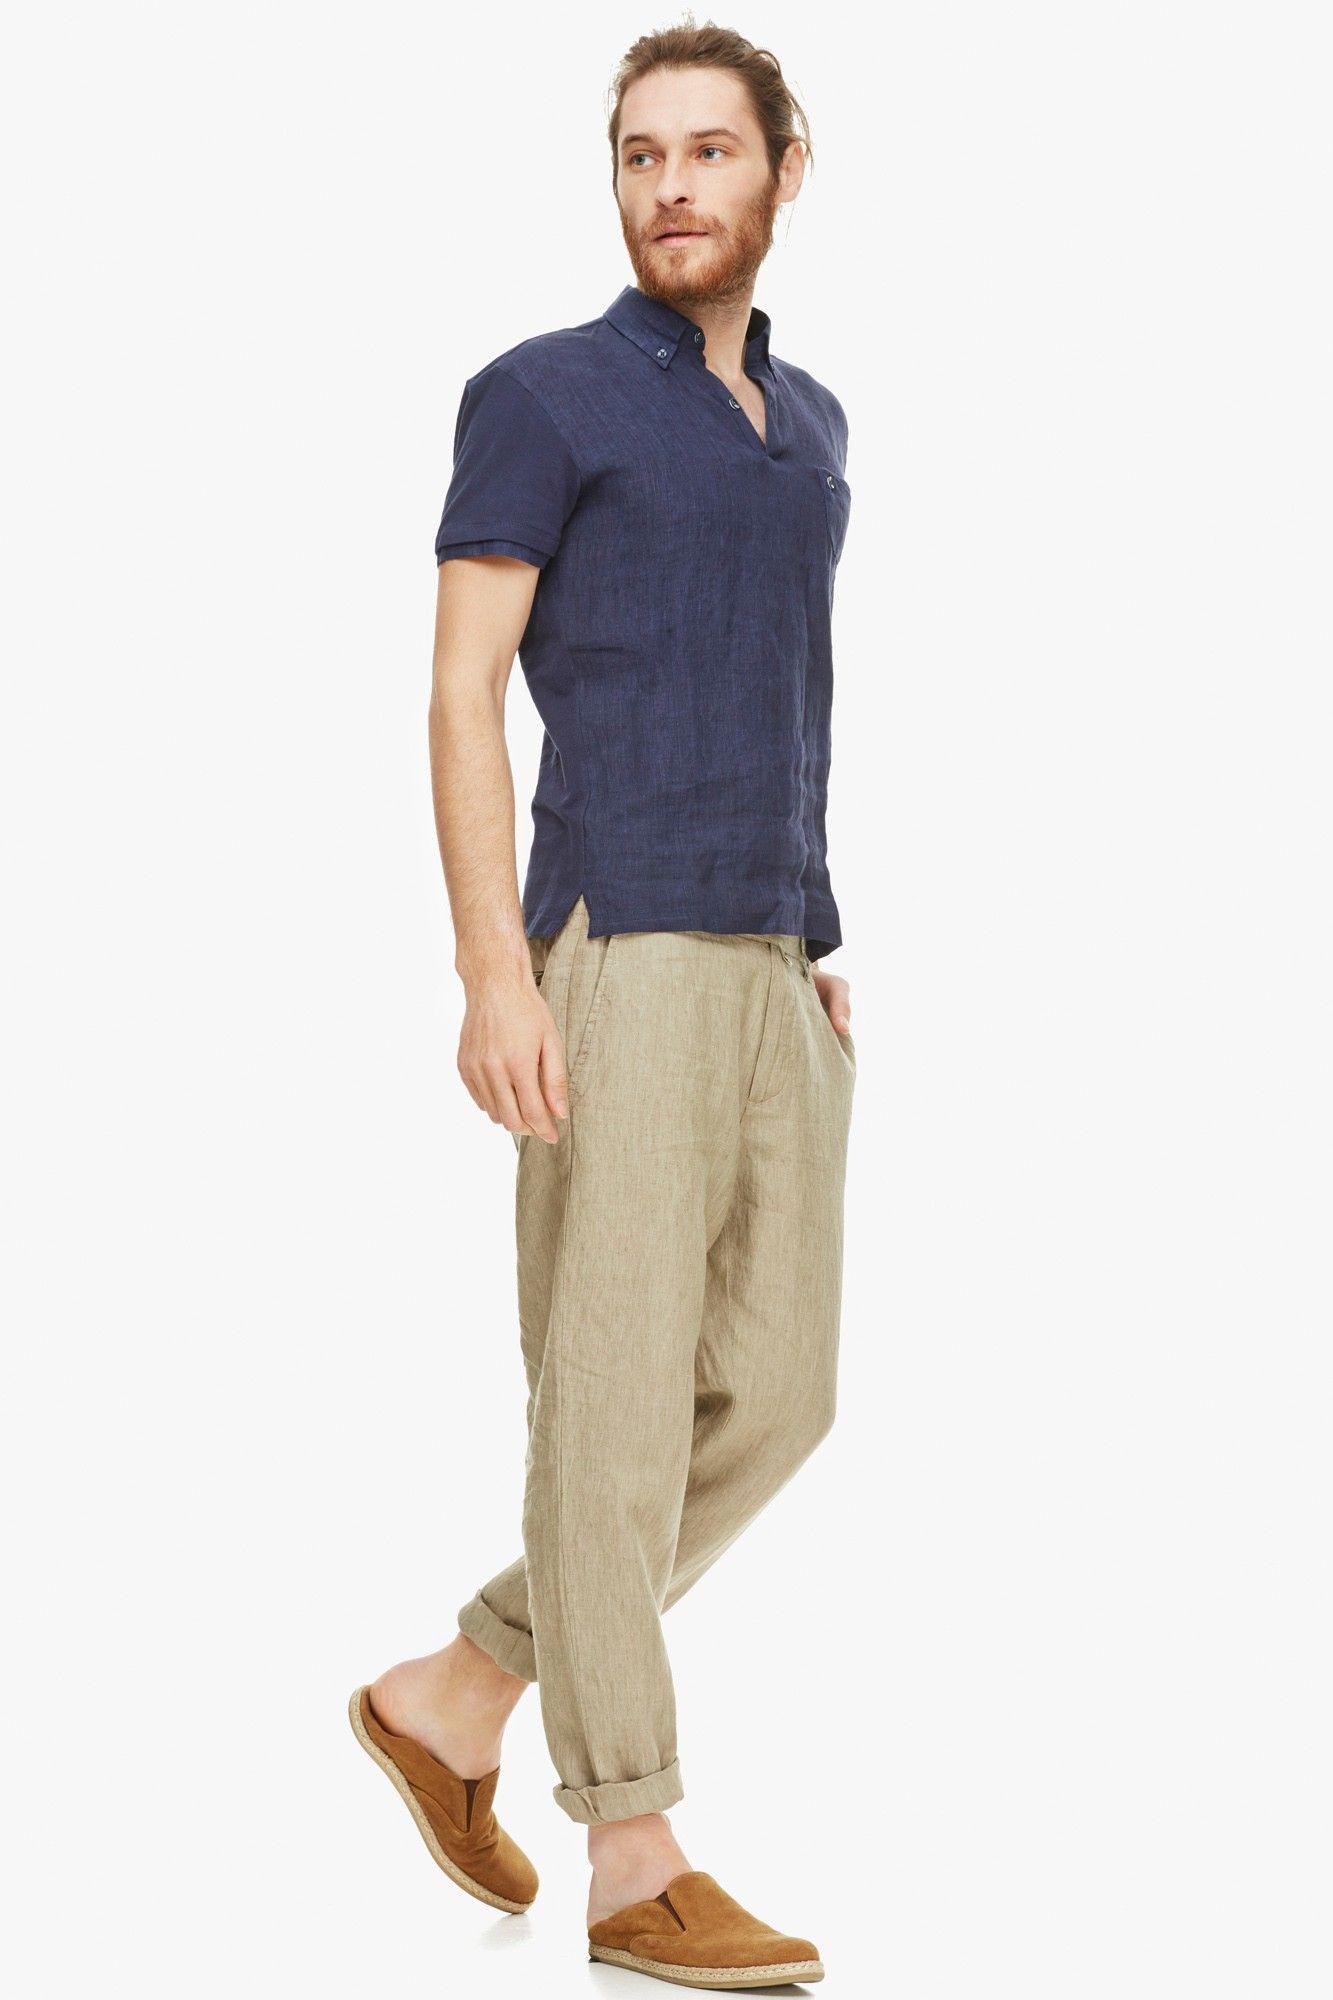 Linen-Cotton Polo Shirt - tees & polos | Adolfo Dominguez